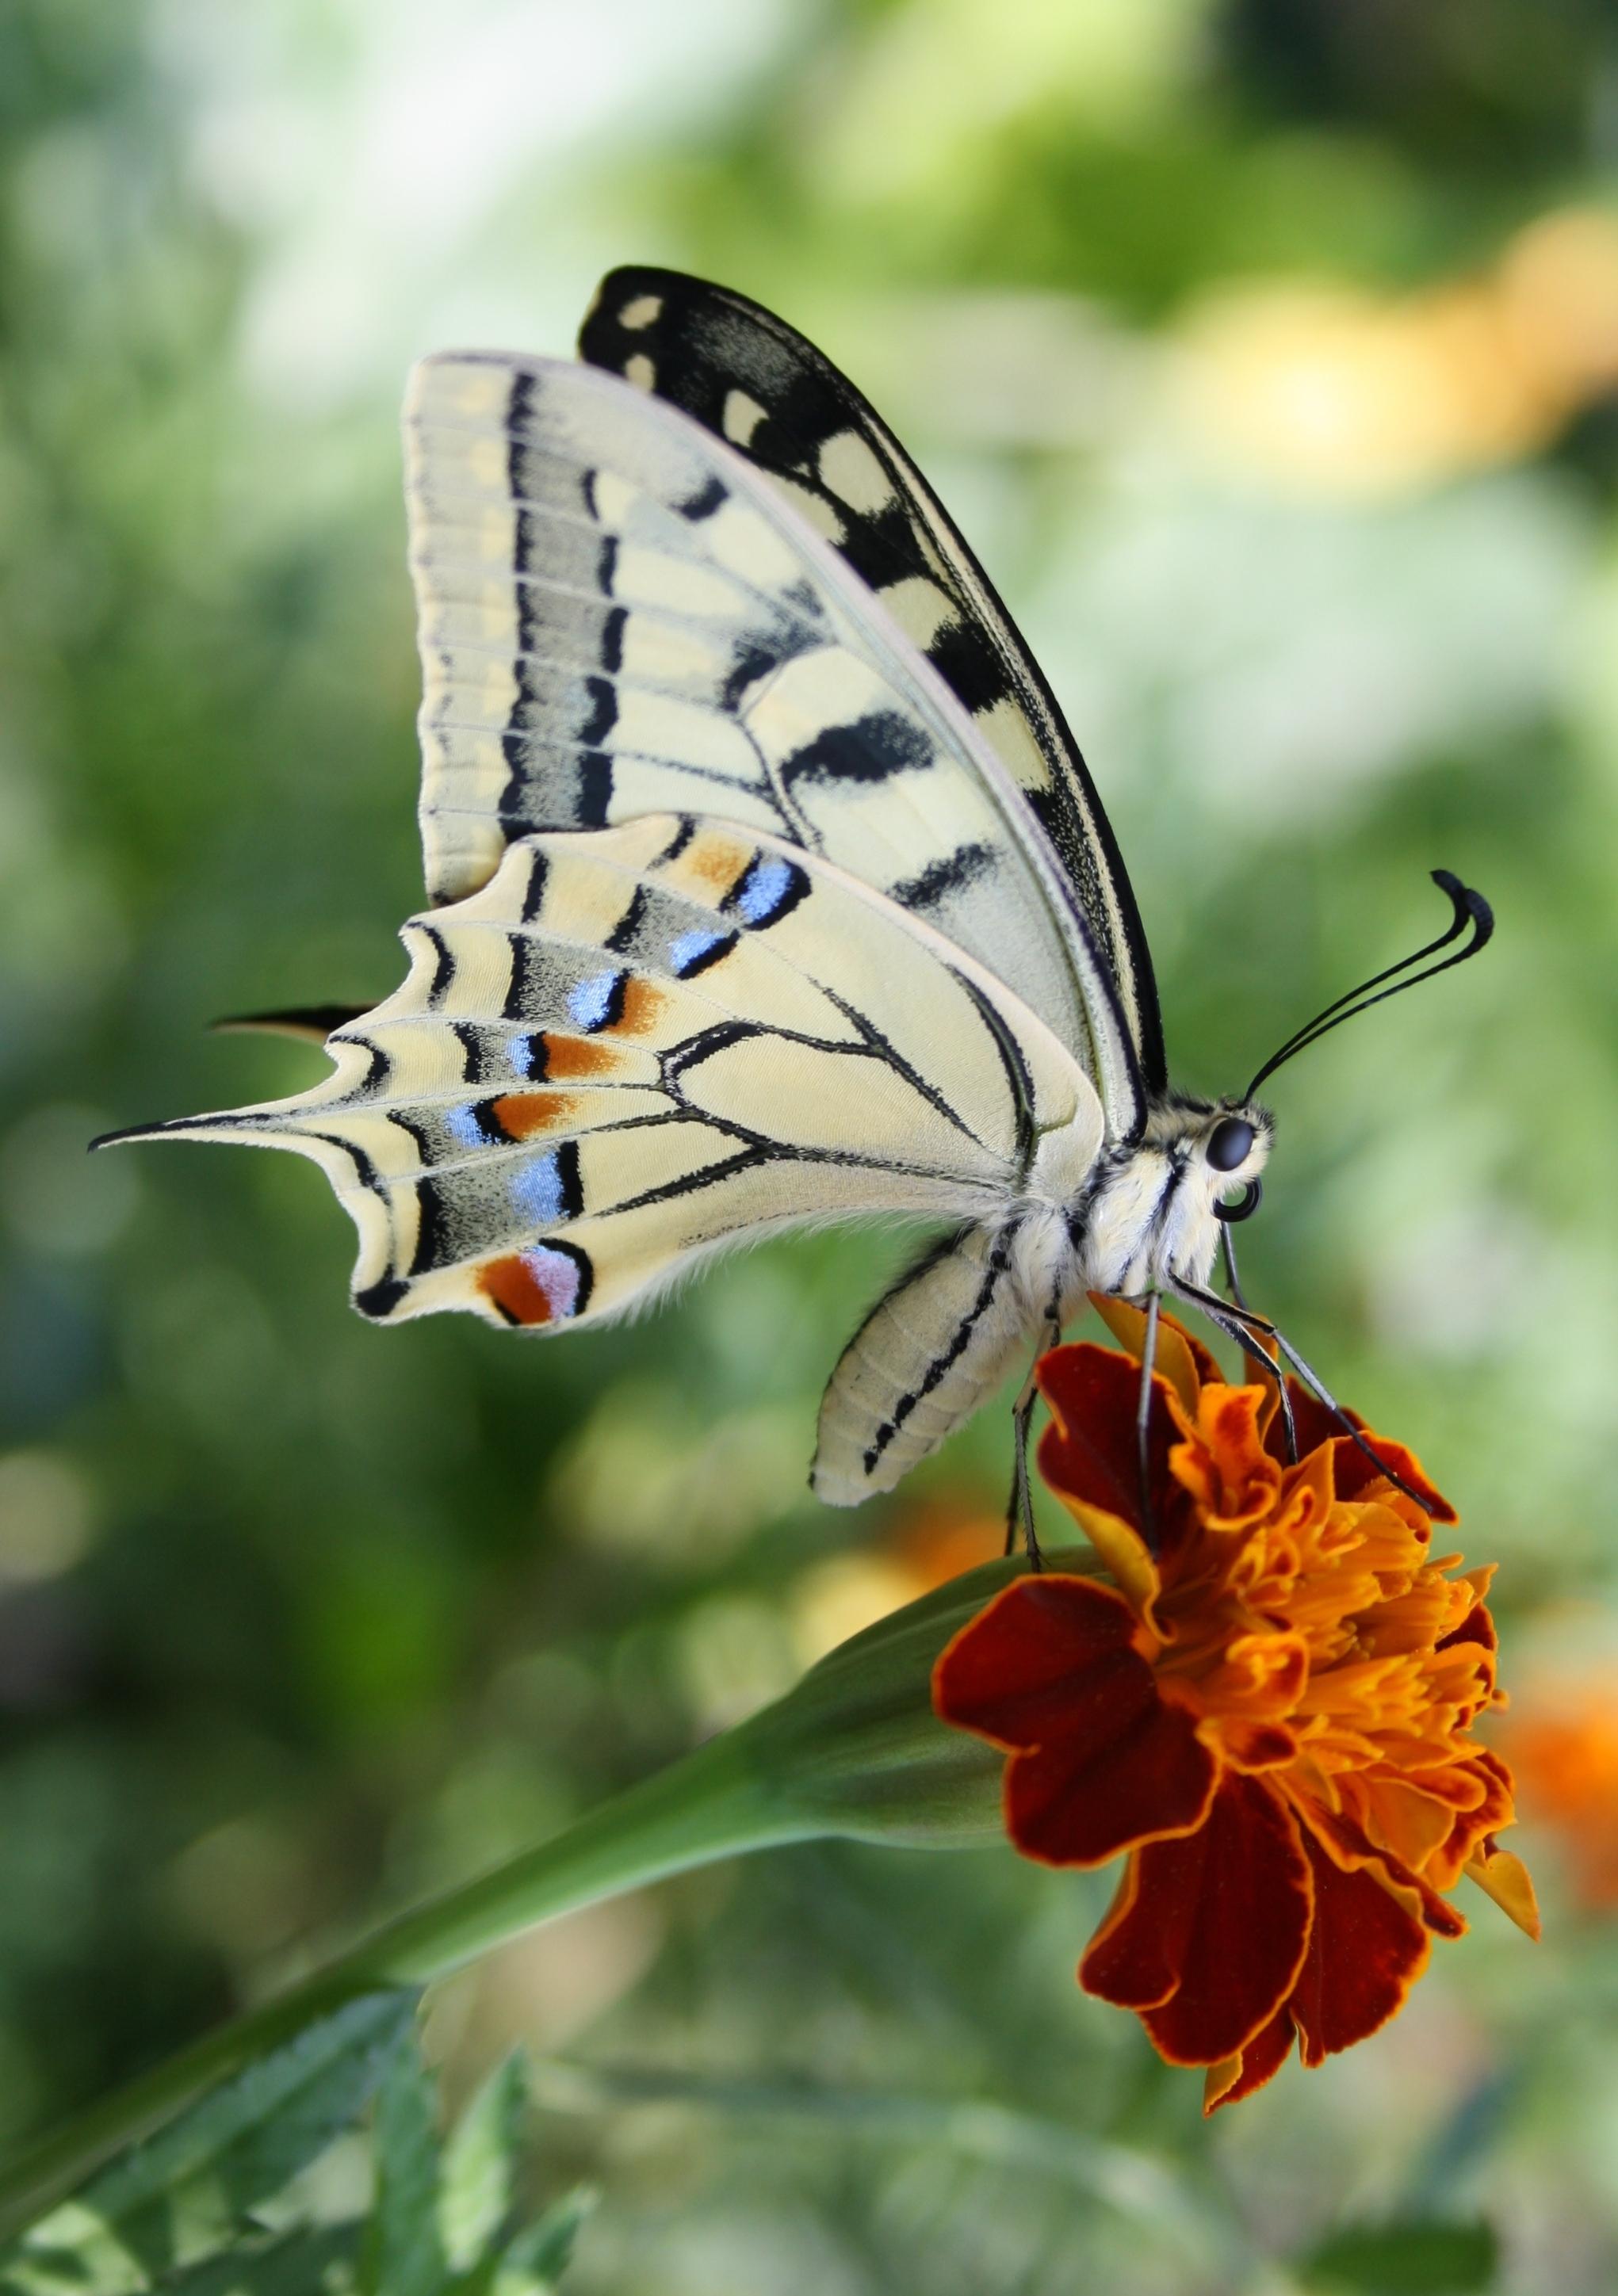 Schwalbenschwanz (Schmetterling) - Wikiwand